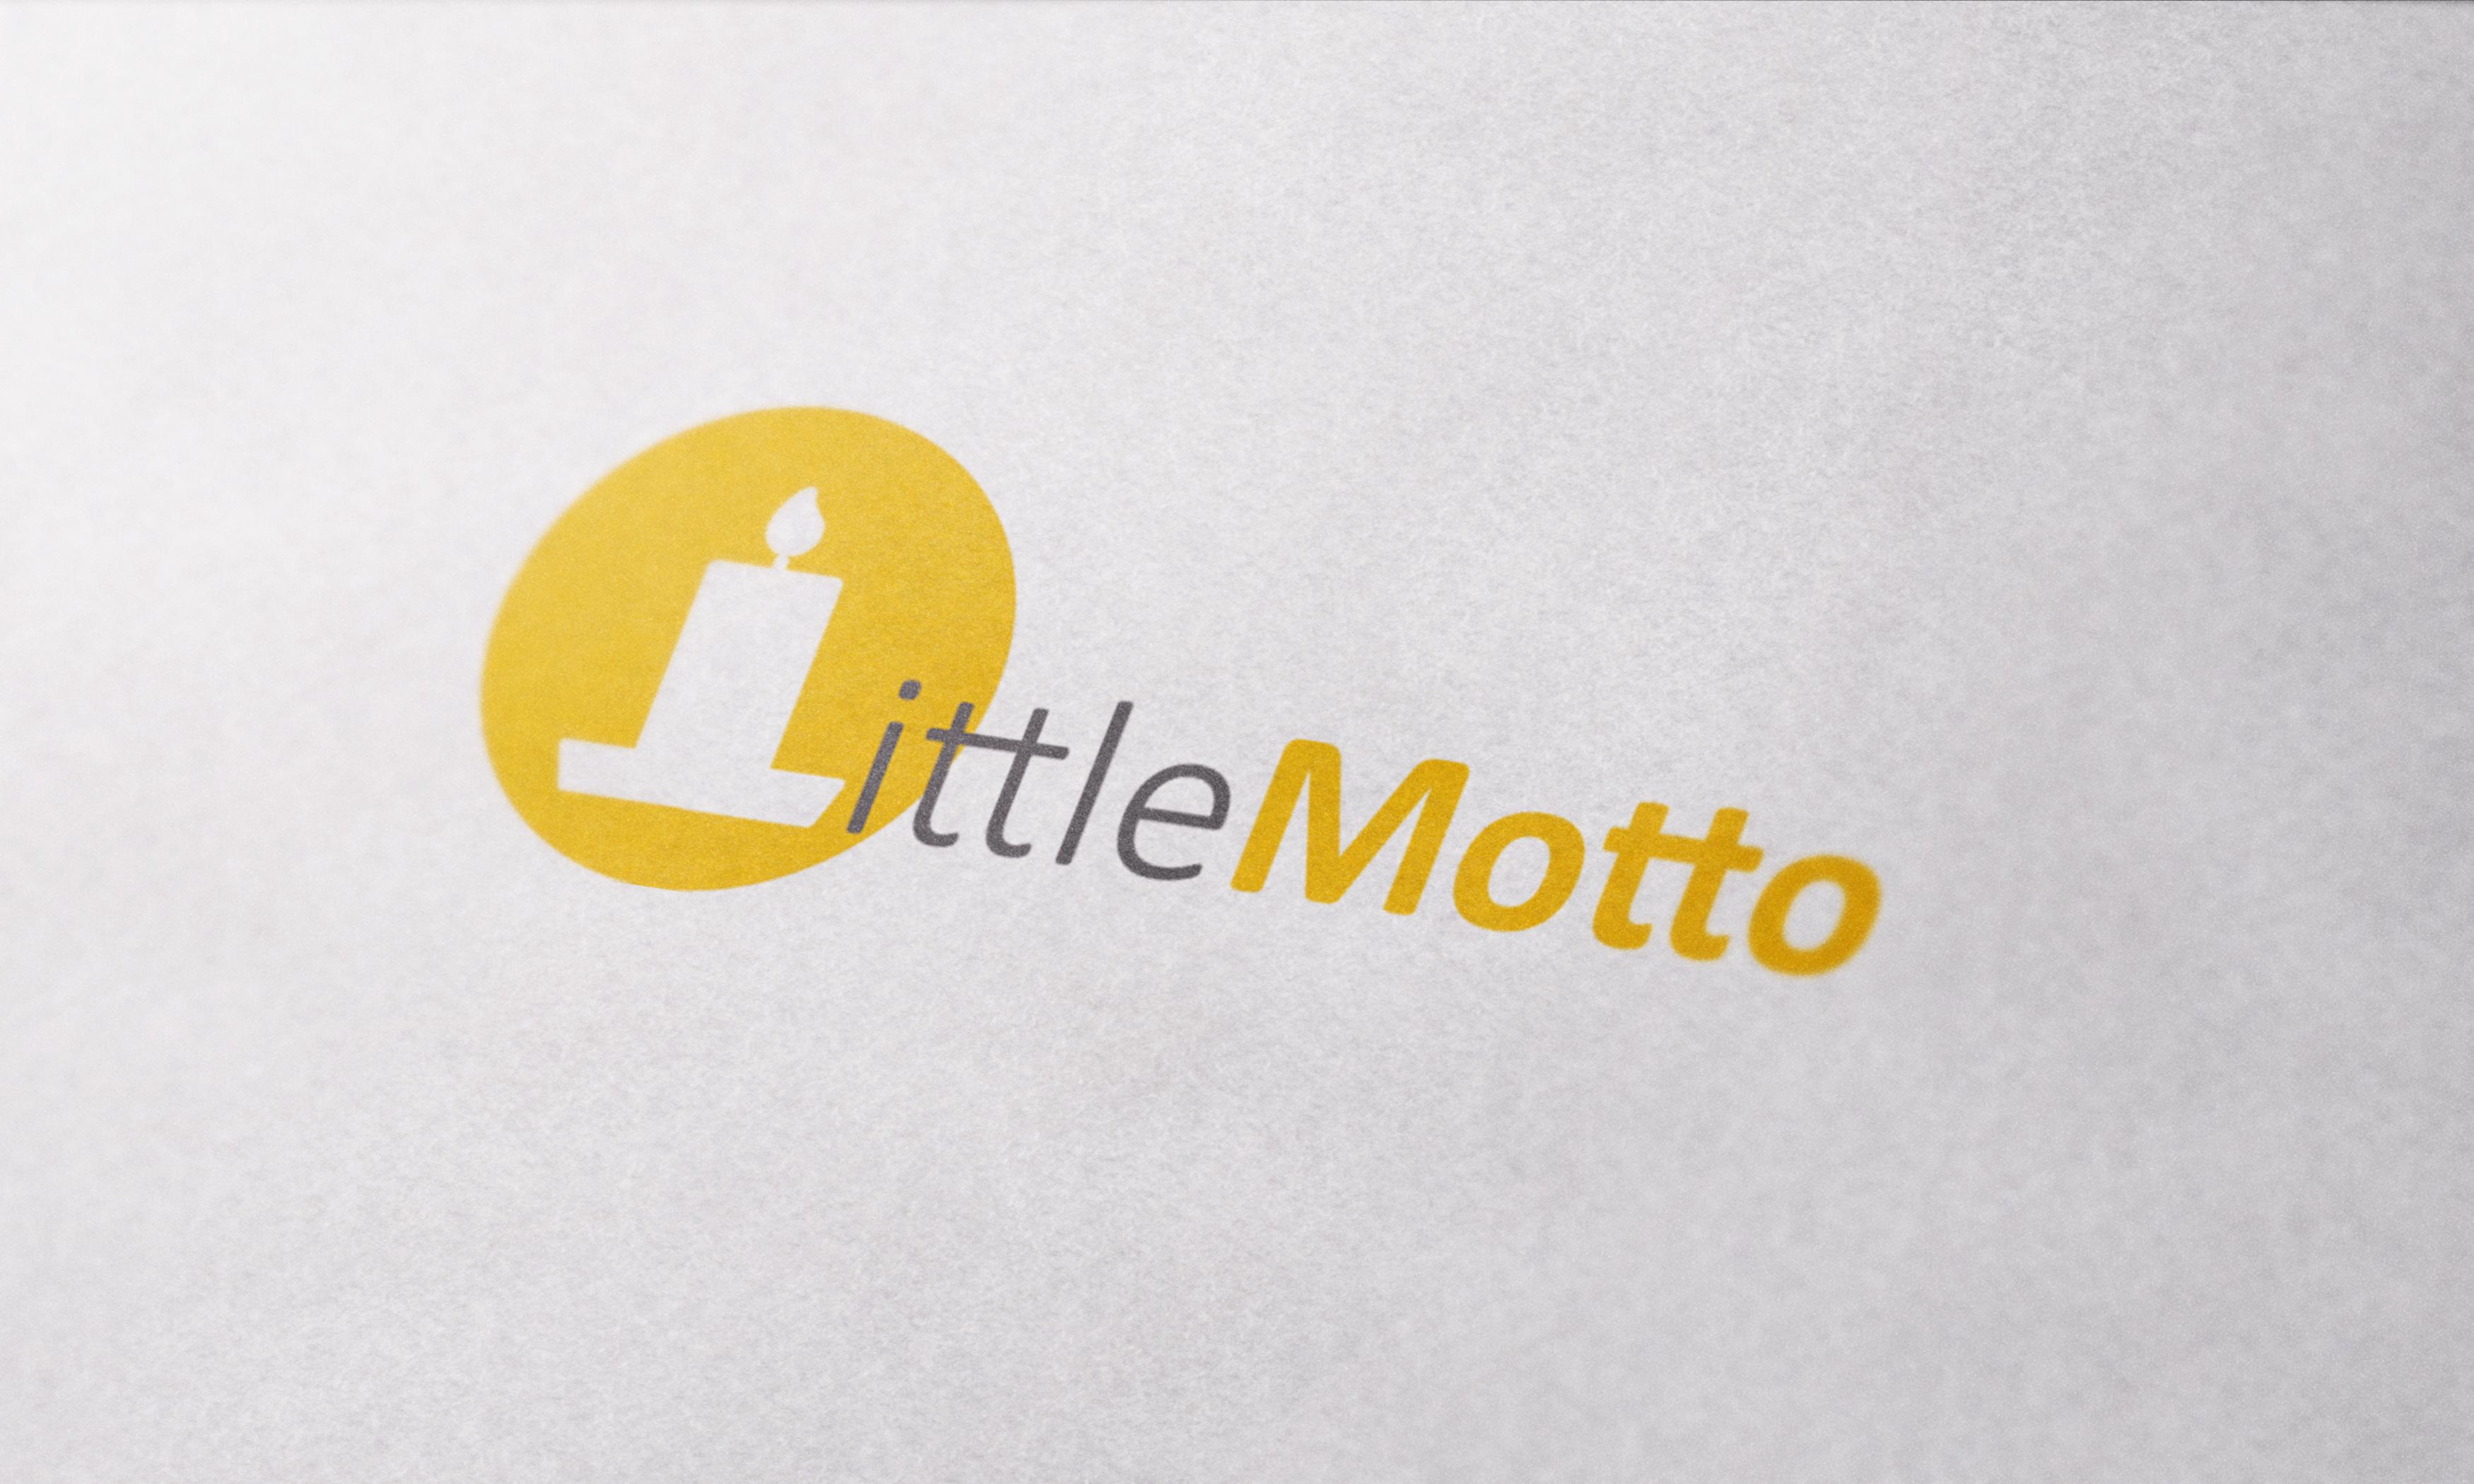 Little Motto